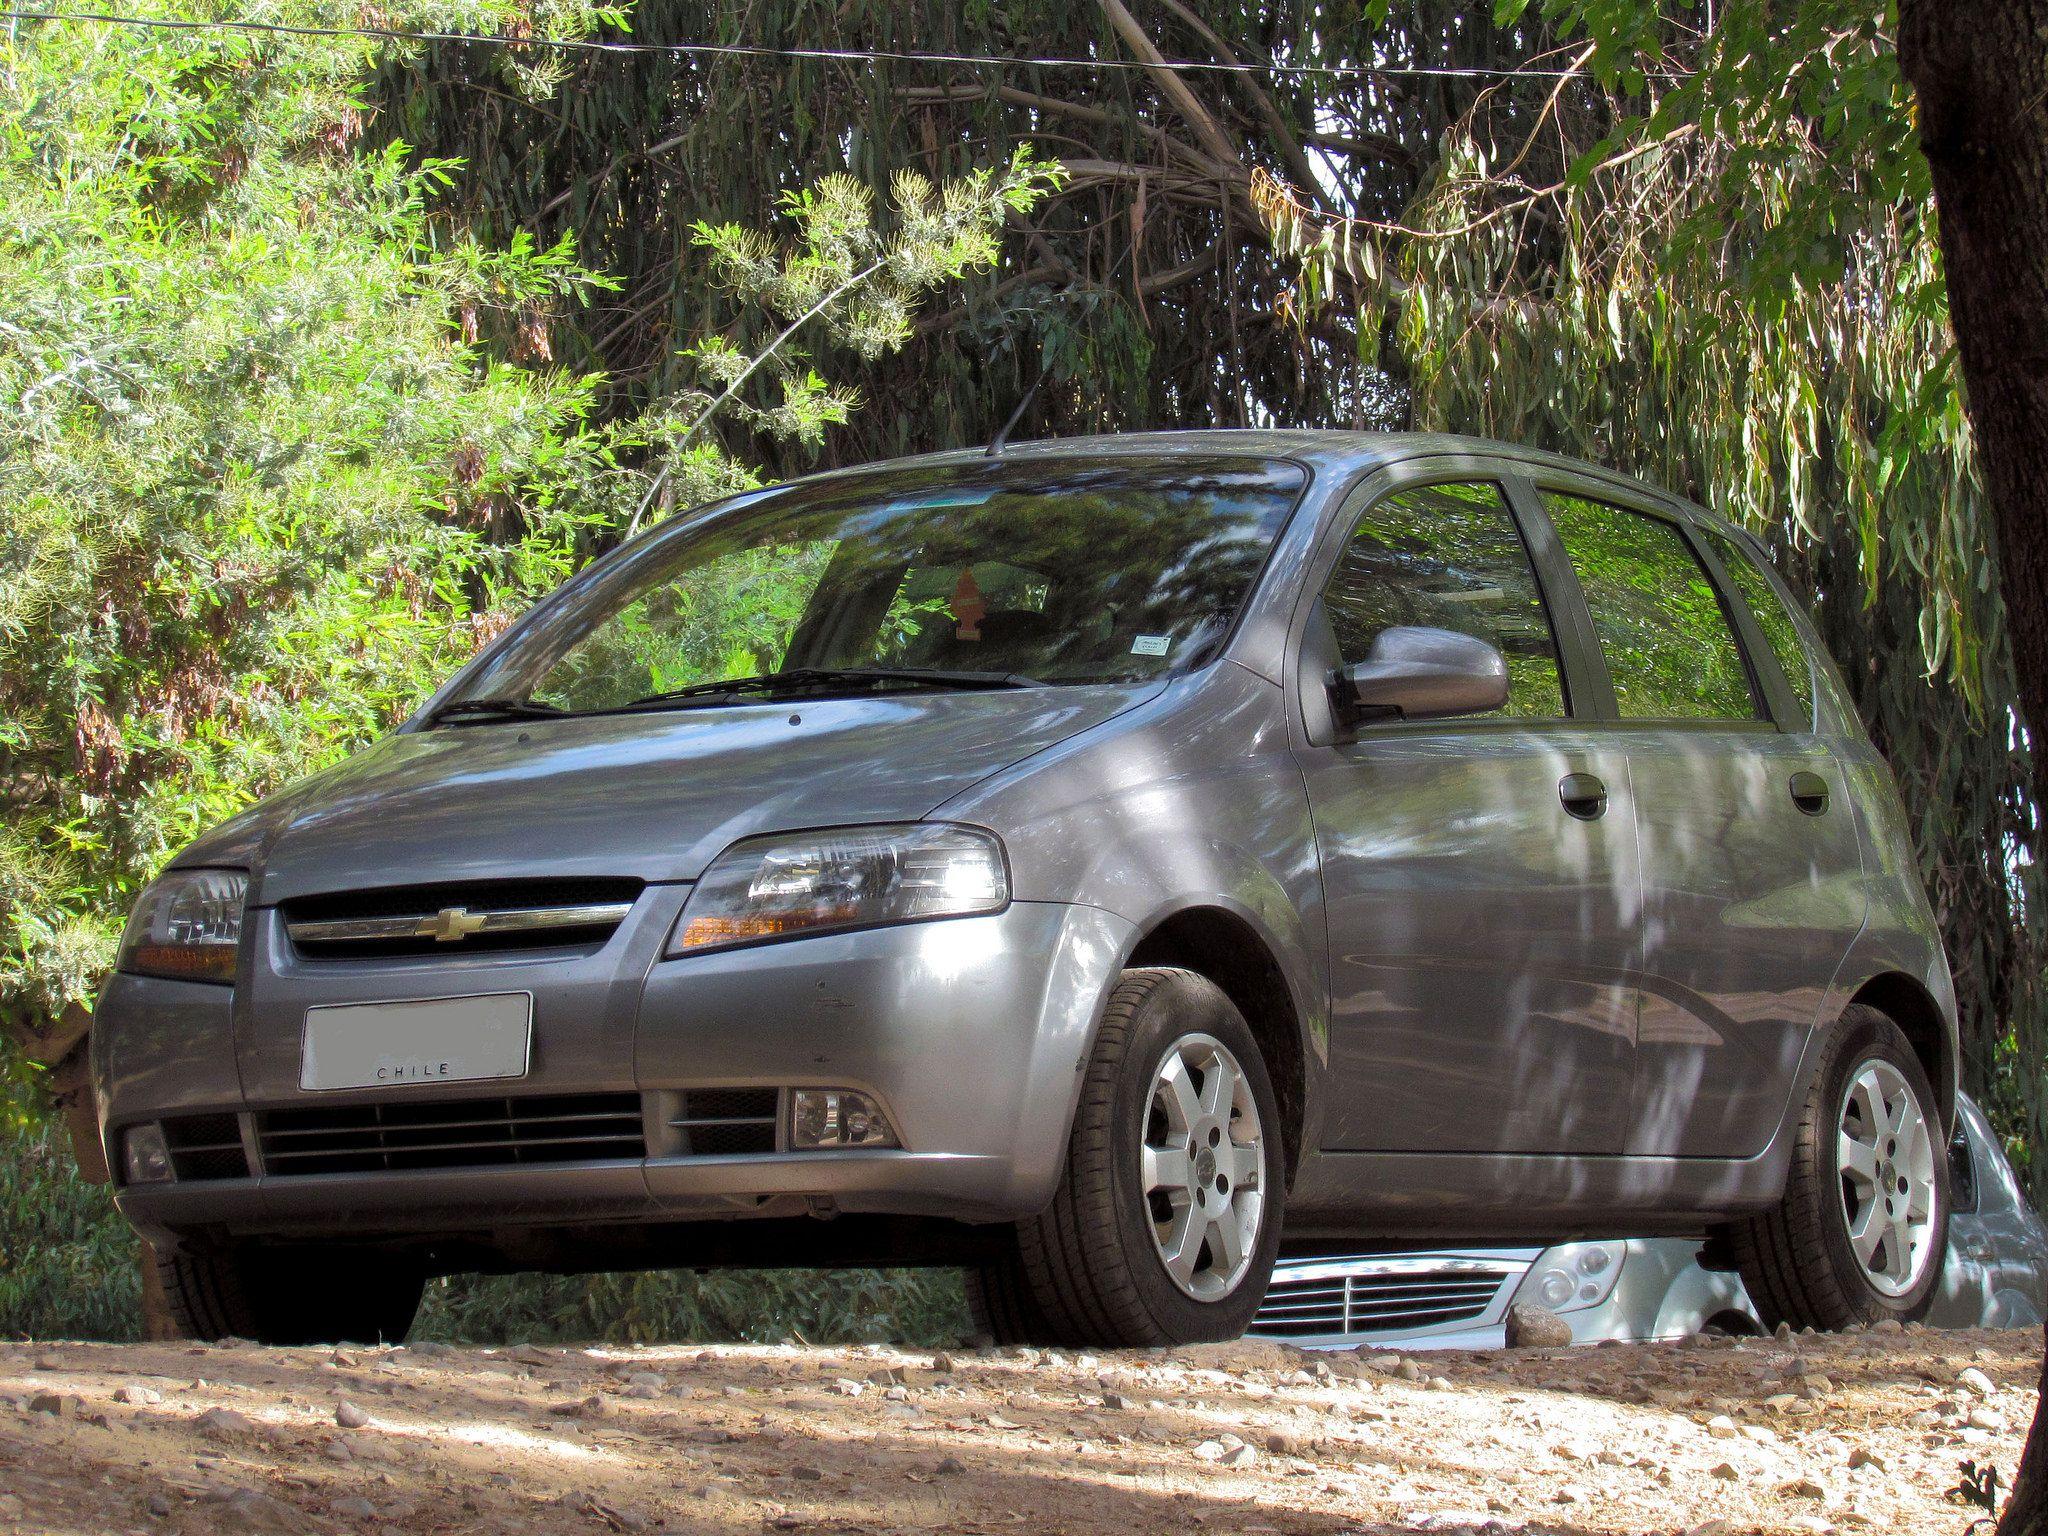 Chevrolet Aveo 1 4 Lt 2005